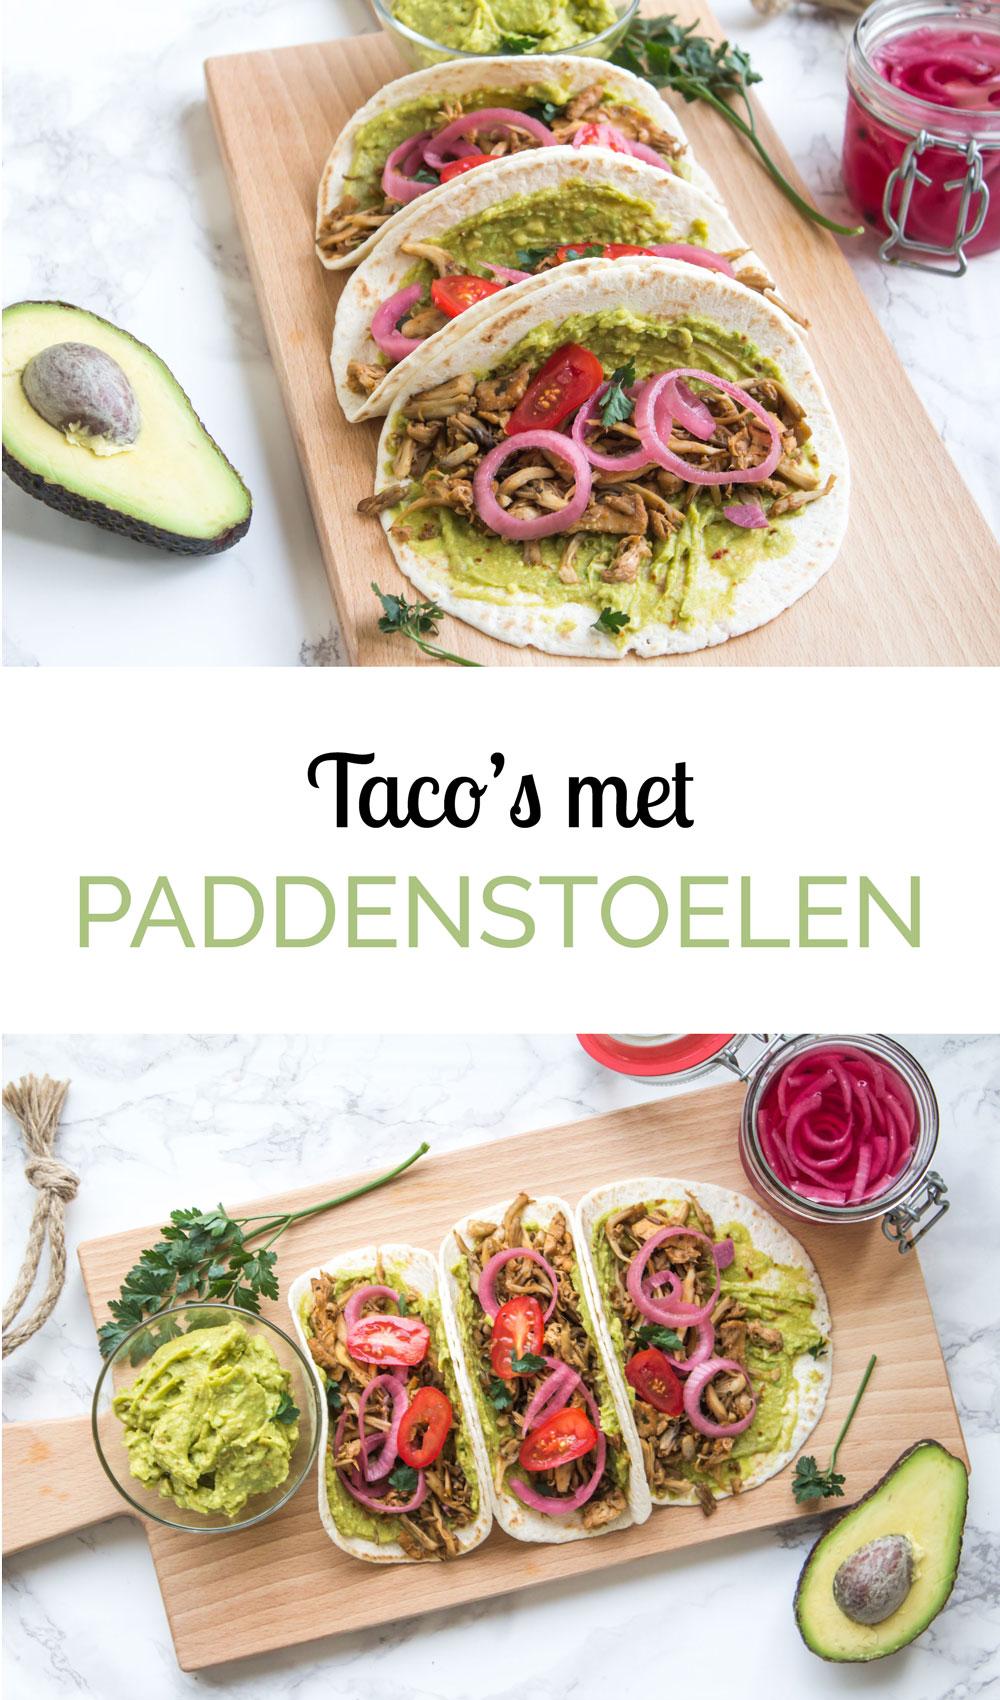 paddenstoelen-taco